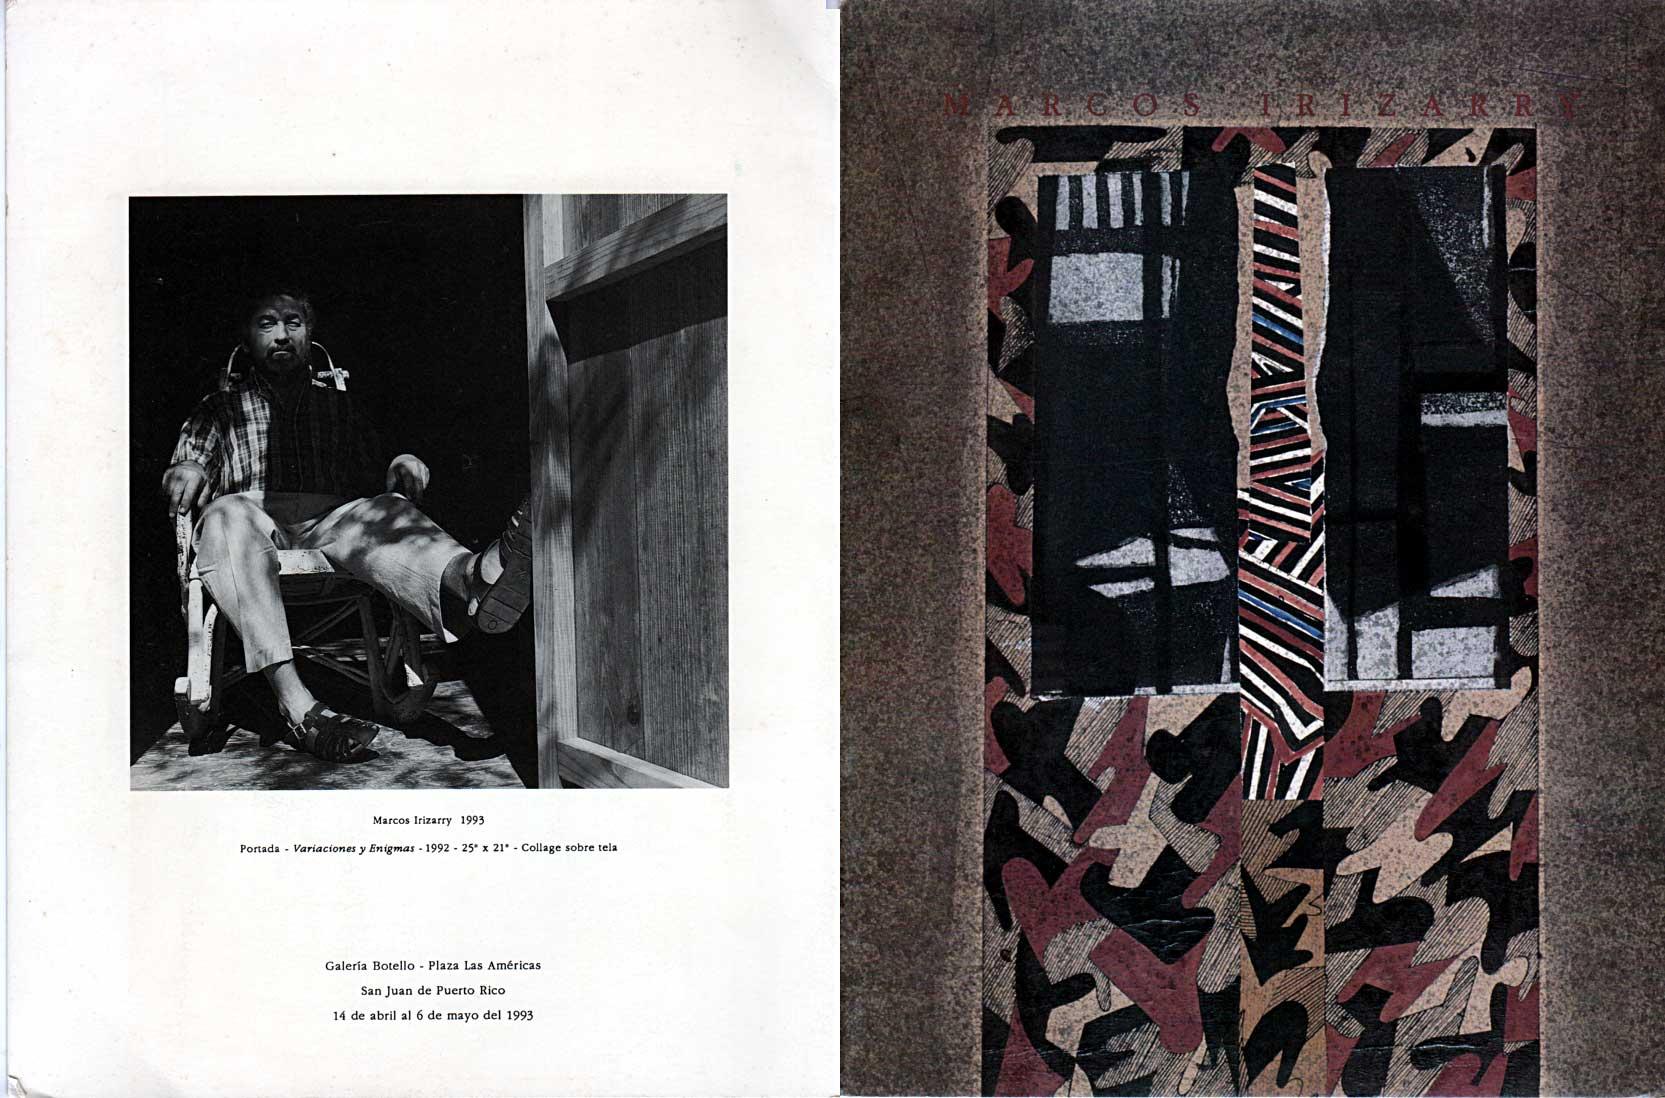 Marcos Irizarry | Variaciones y enigmas | Galería Botello | 1993